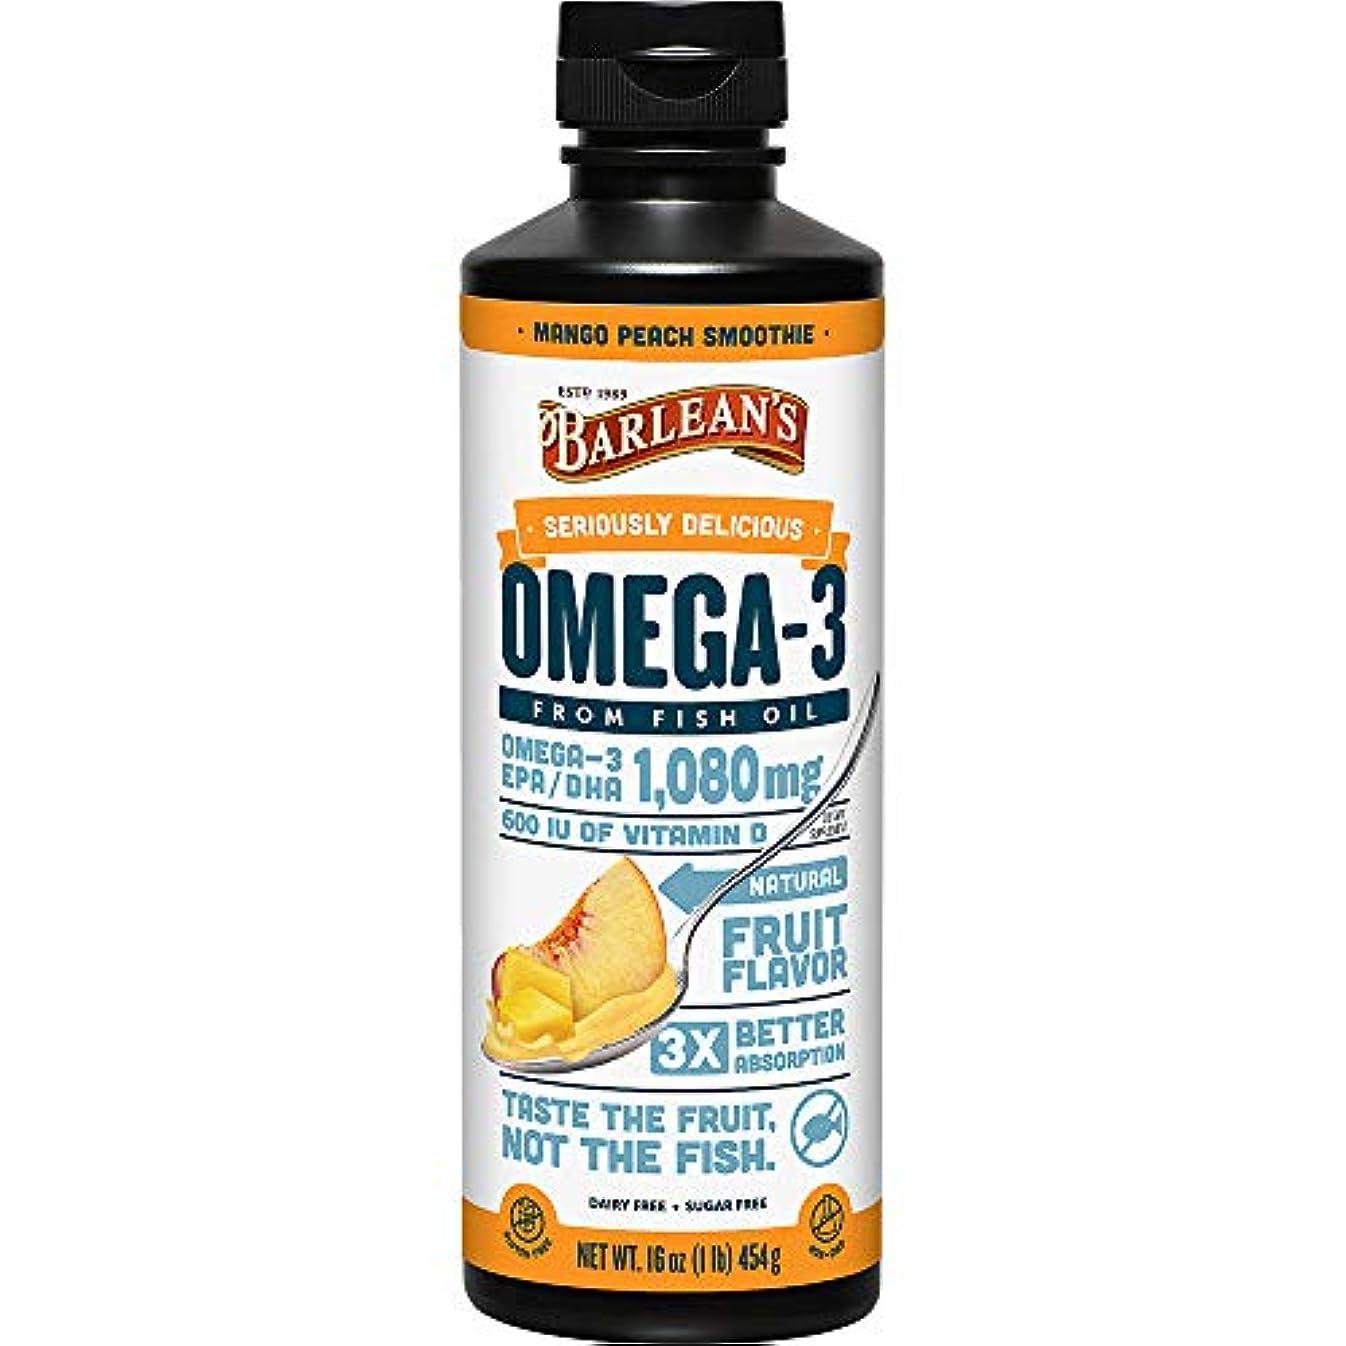 強盗方程式クールBarlean's - Omegaの渦巻Omega-の3 魚オイルのマンゴのモモ - 16ポンド